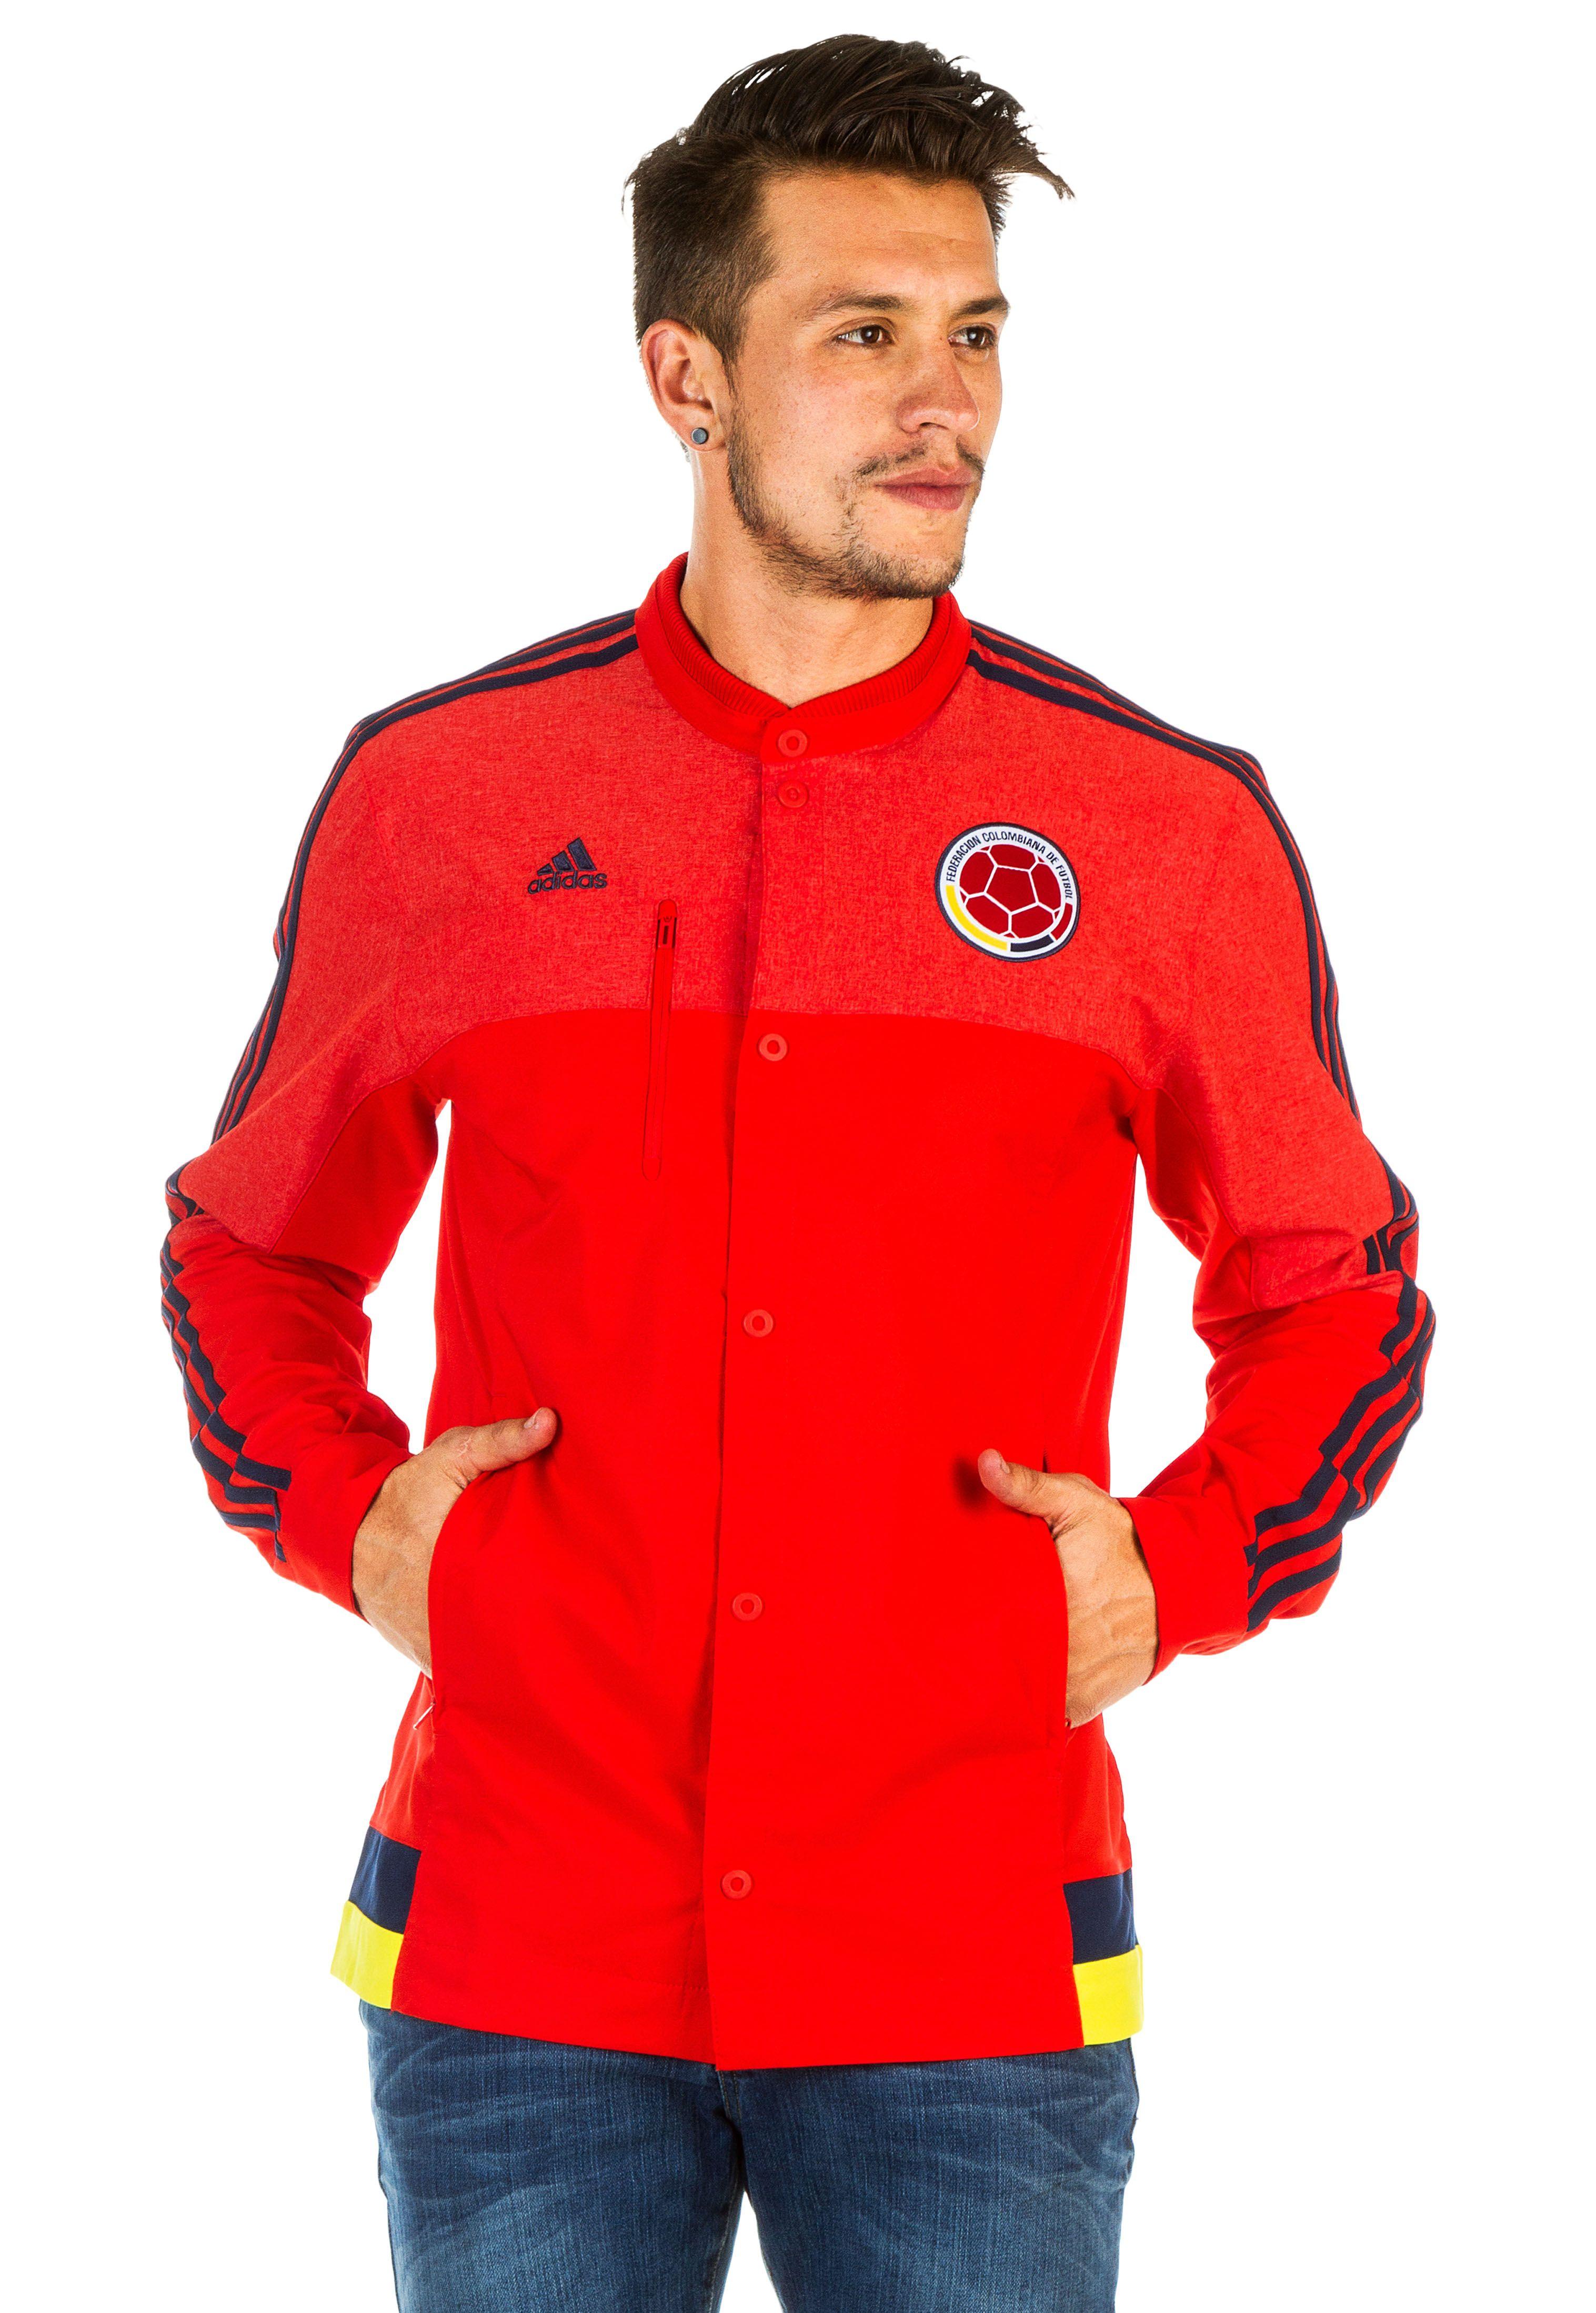 Originals 2018 Chaqueta adidas Adidas Roja Roja WZnqYdad